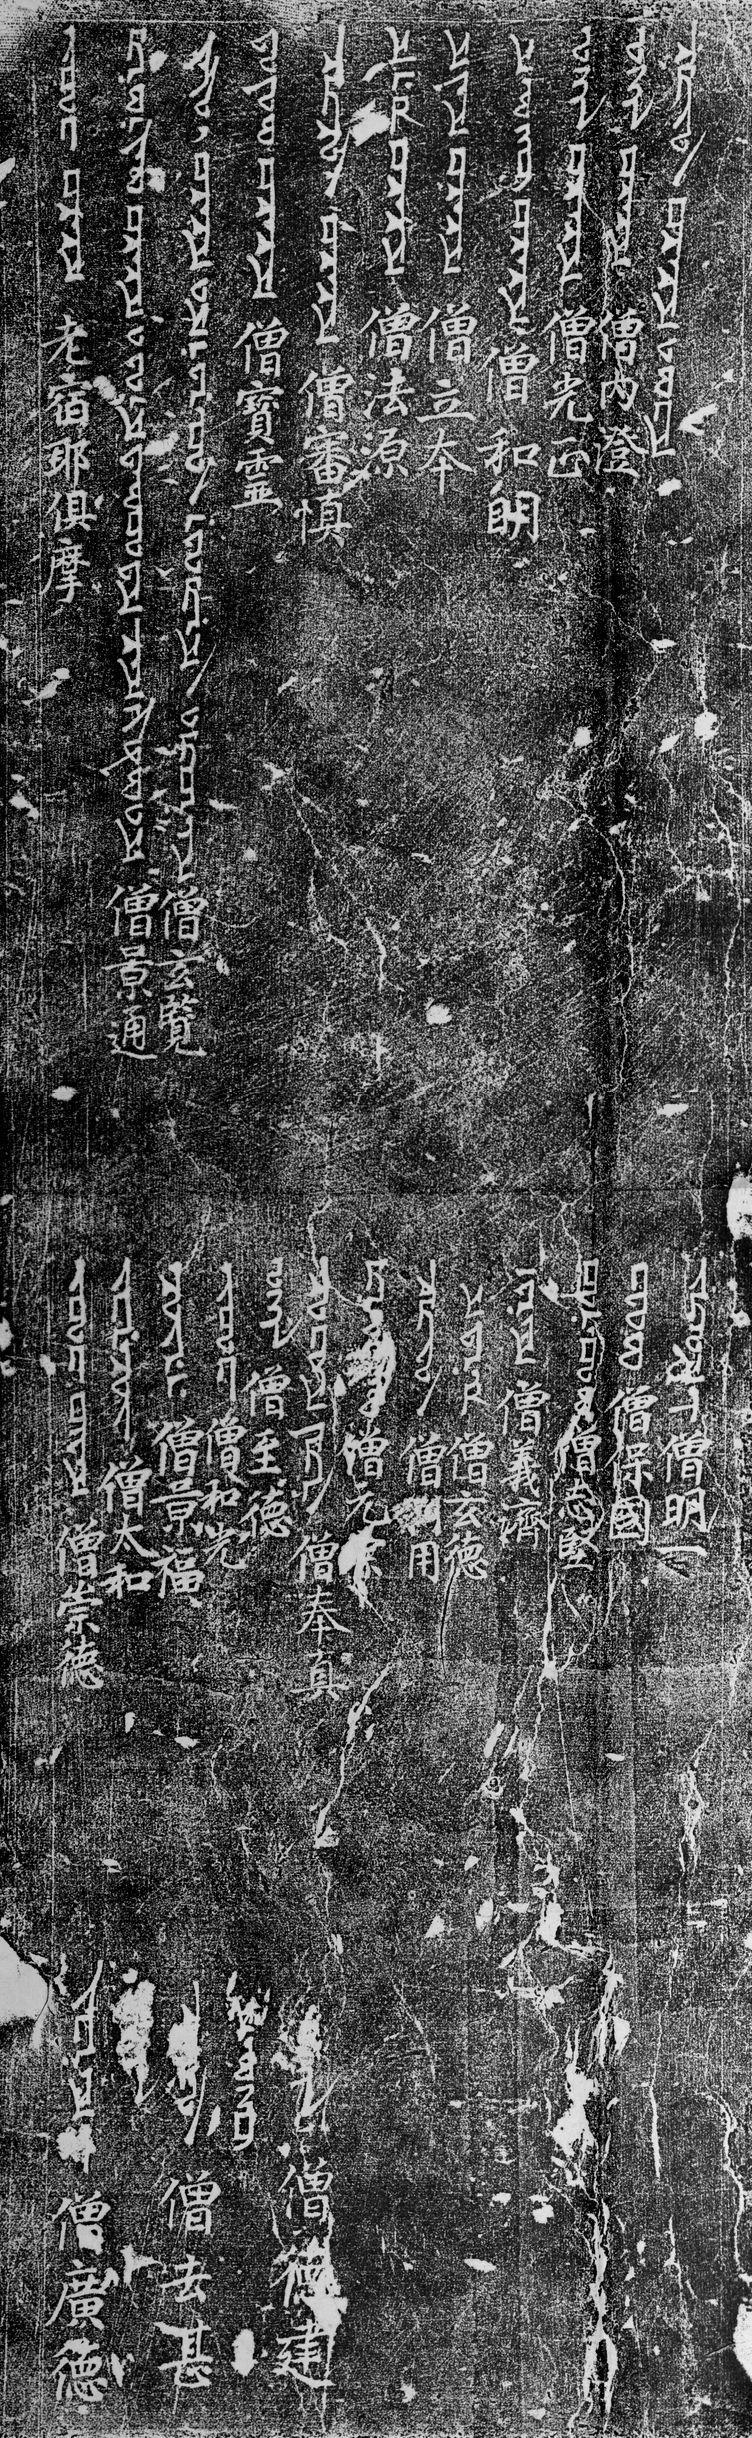 المسلة النسطورية [بالإنجليزية] بالصين، حوالي 781 ميلادية، ويظهر بها خط الإسطرنجيلي.